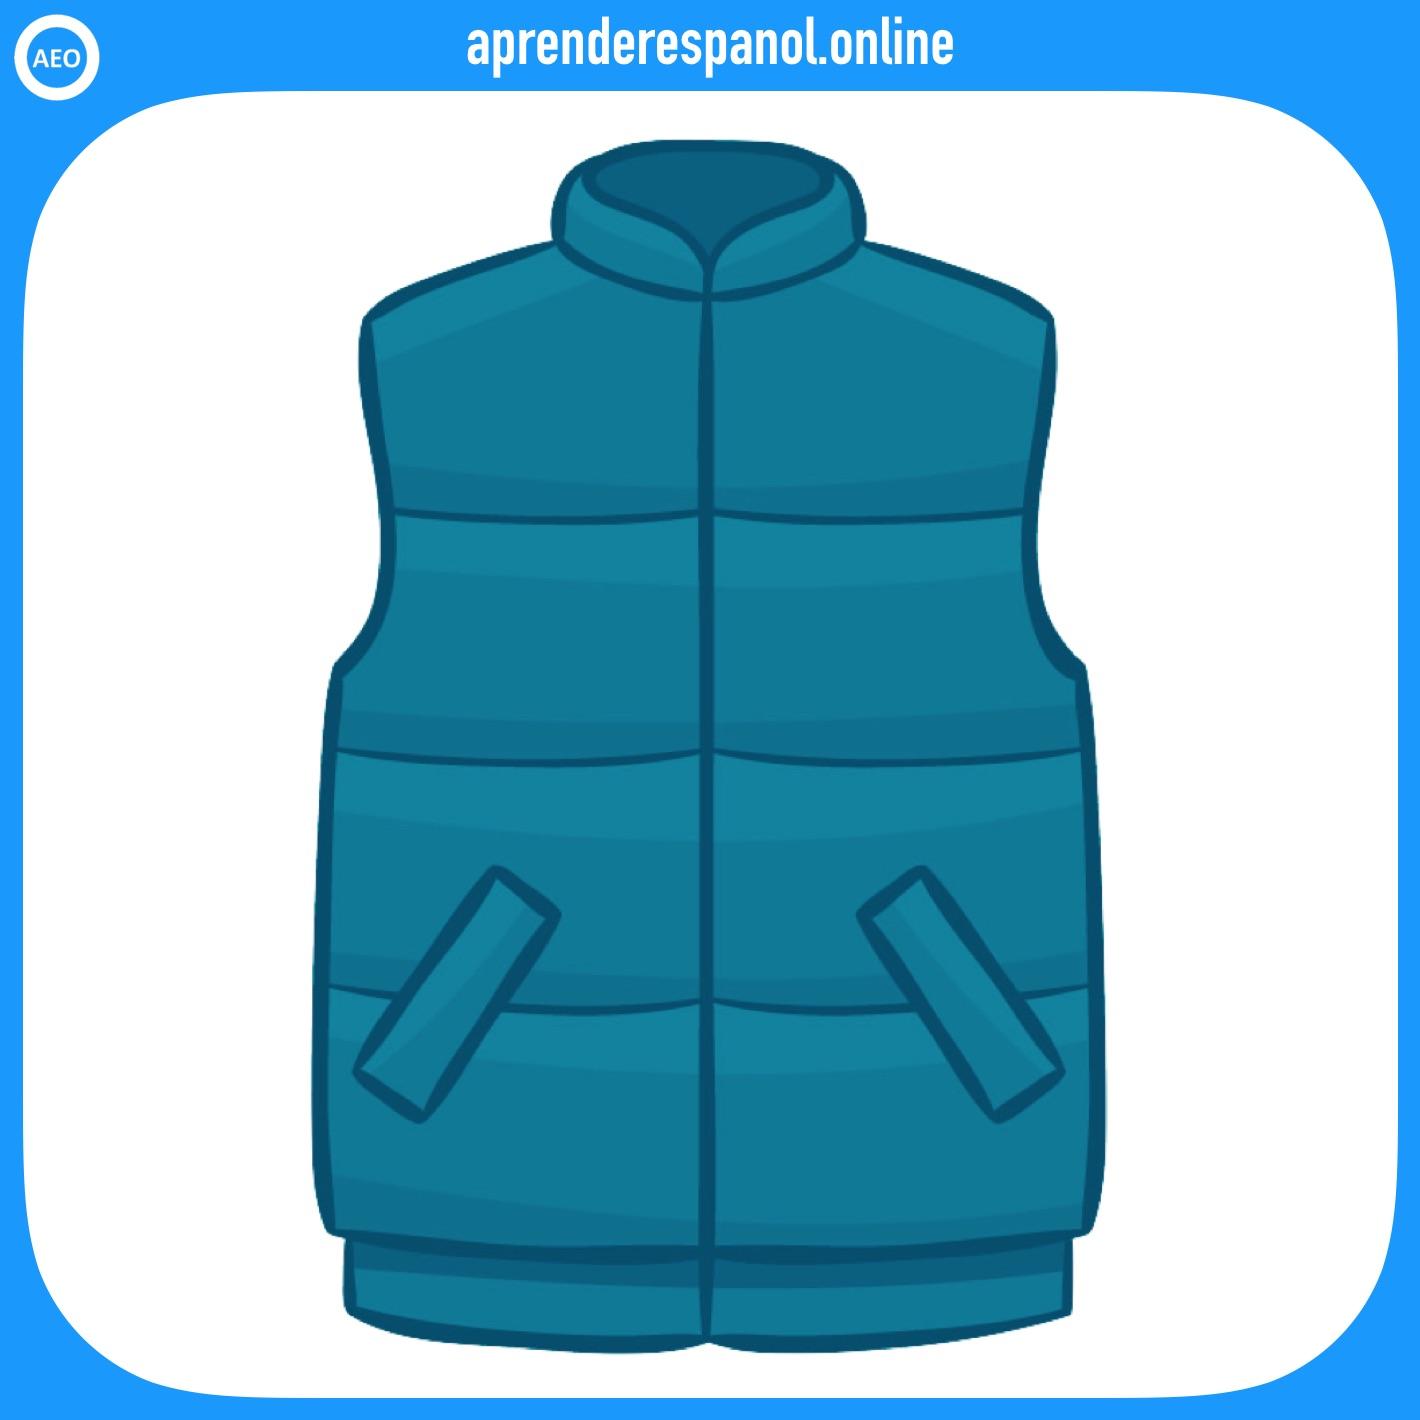 chaleco | ropa en español | vocabulario de la ropa en español